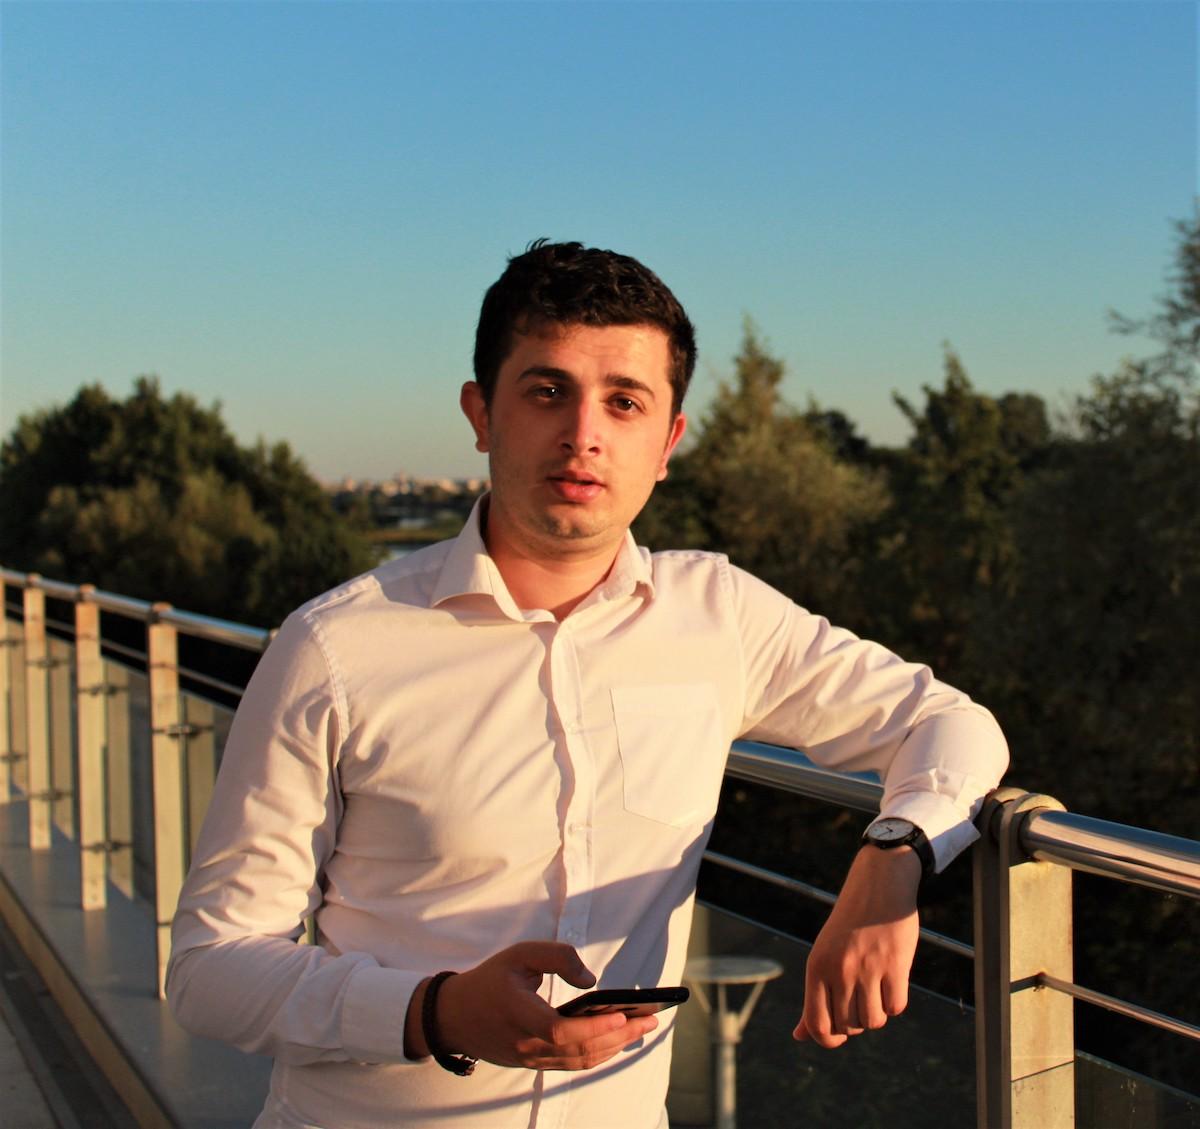 După ce s-a școlit în Franța, un sibian s-a întors acasă să-i învețe pe români cum să se promoveze online